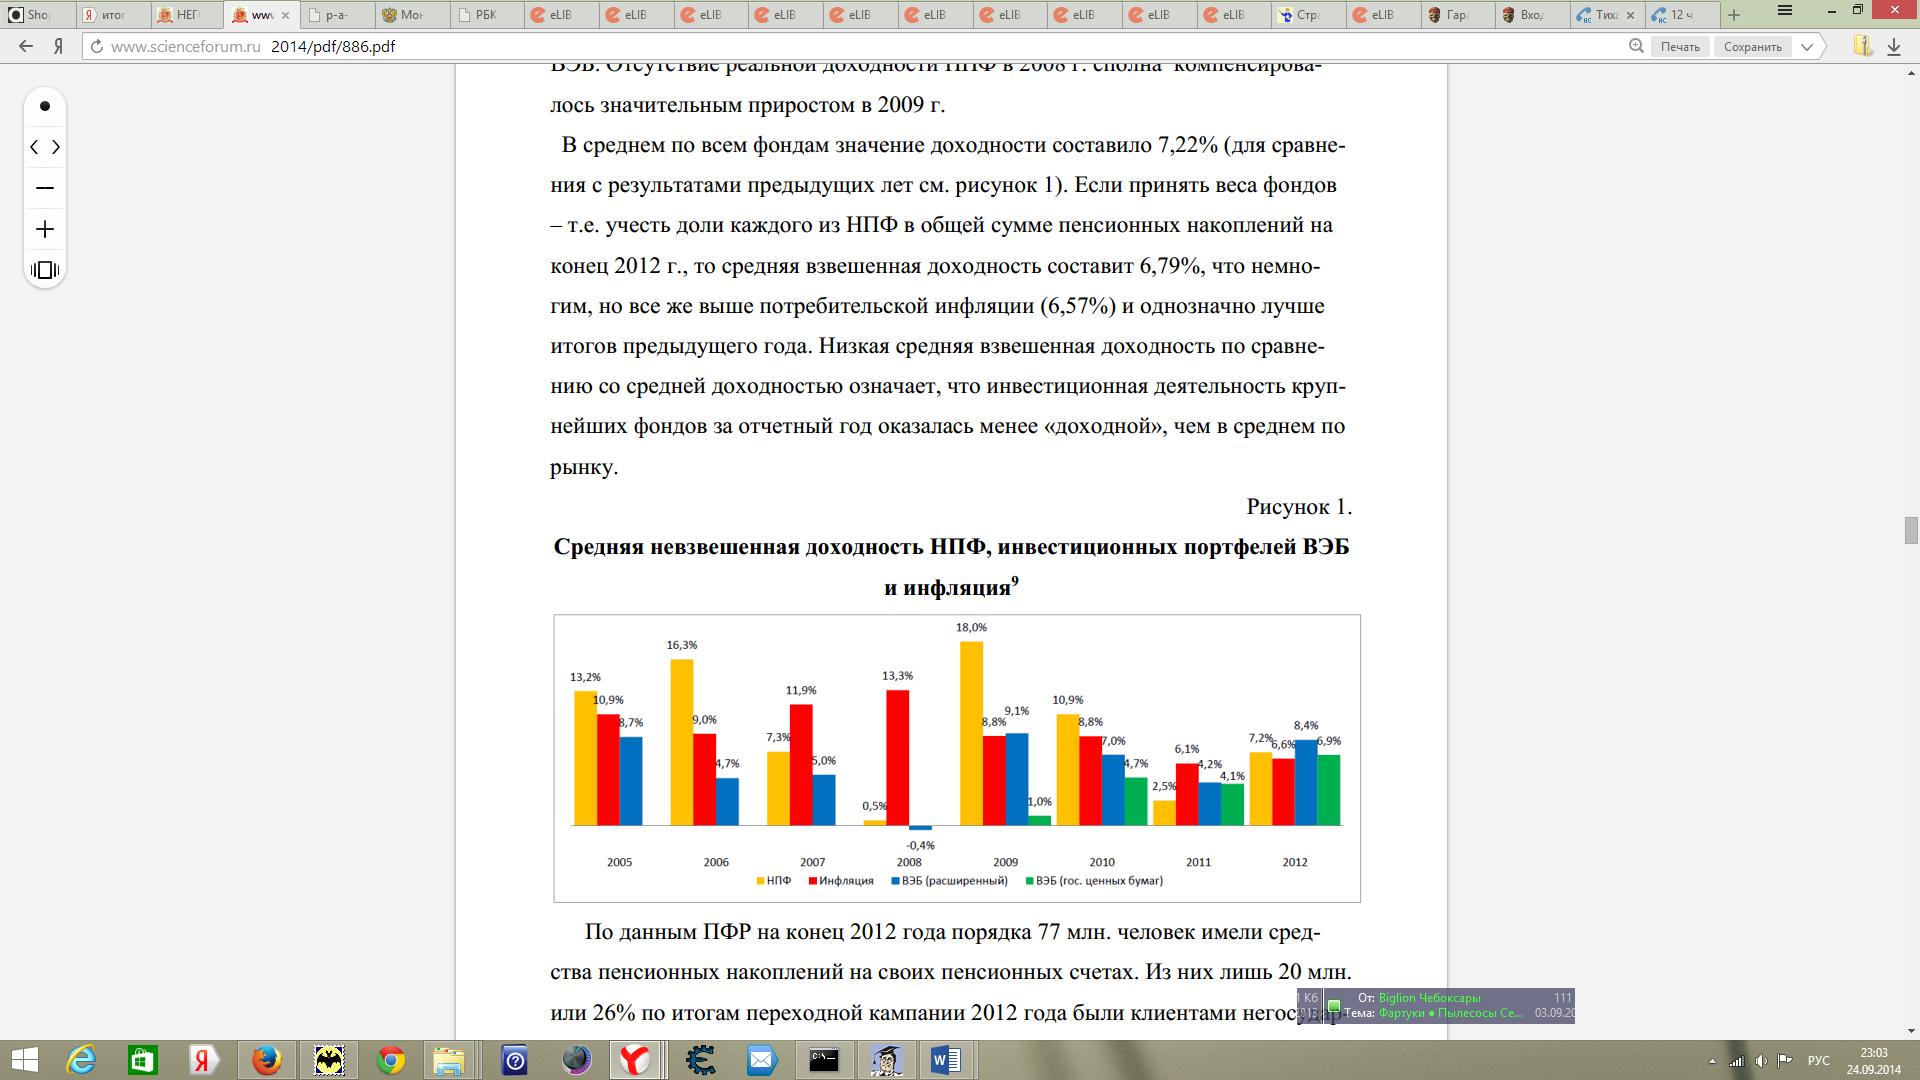 Белорусскому вокзалу самый высокий доходности в нпф заведения (где